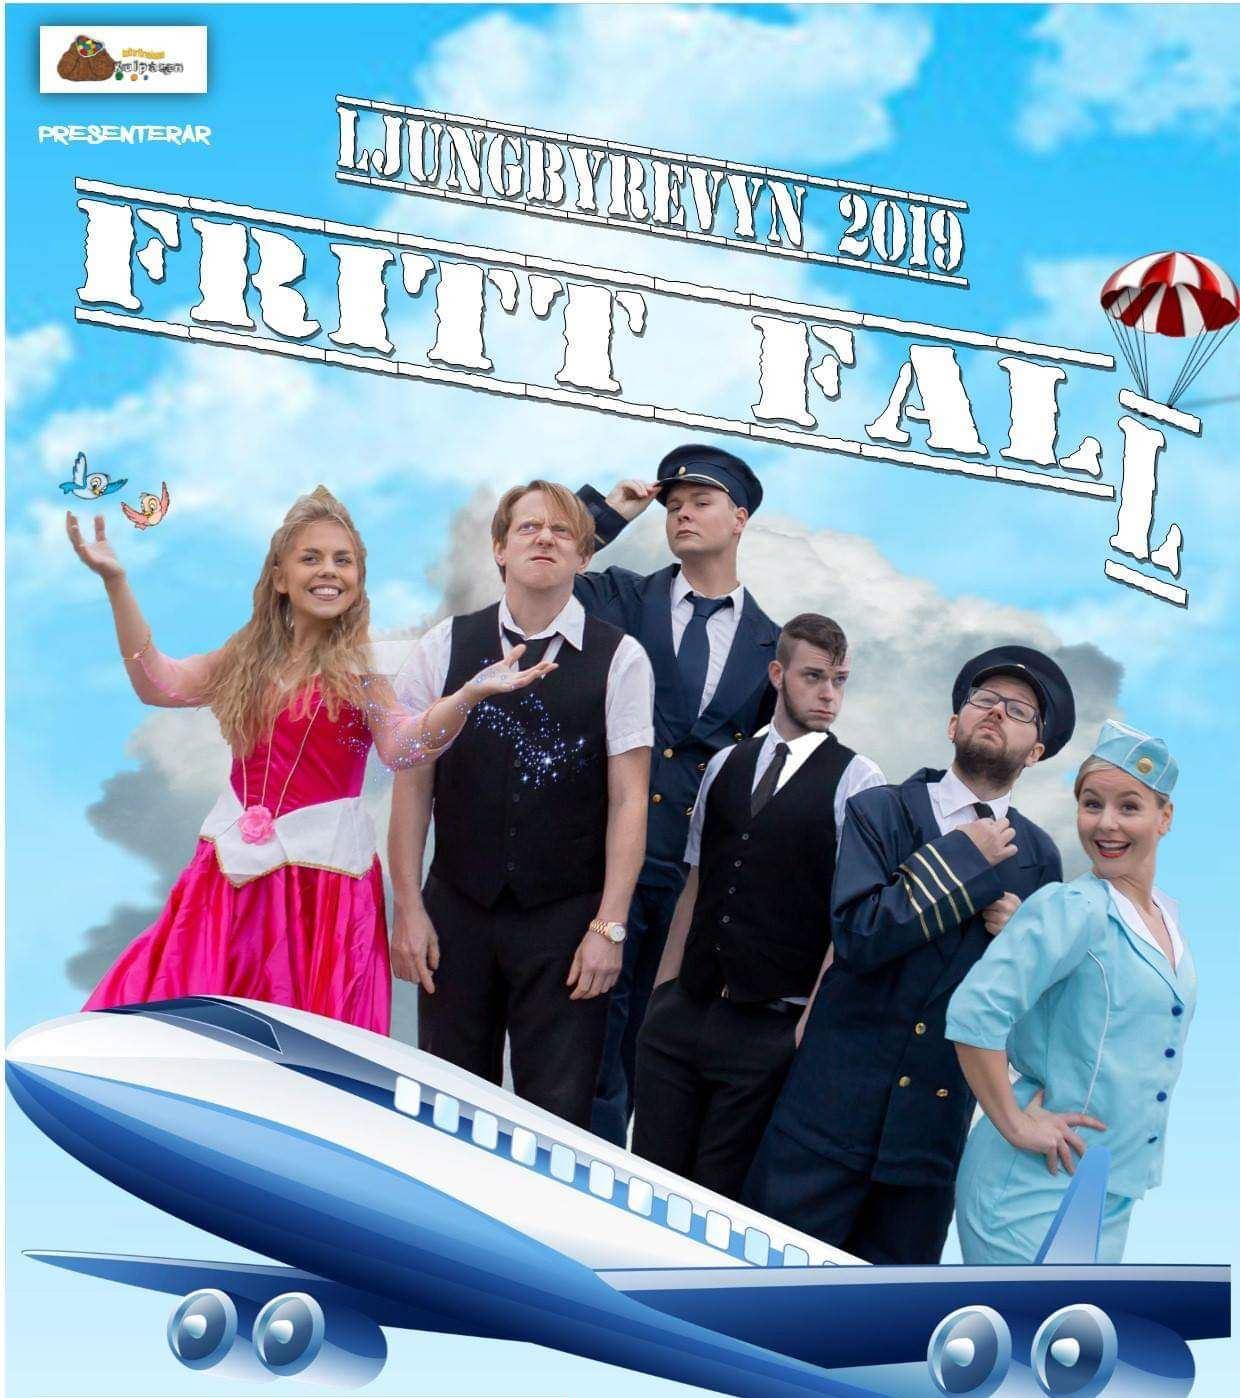 Ljungbyrevyn 2019 - Fritt fall